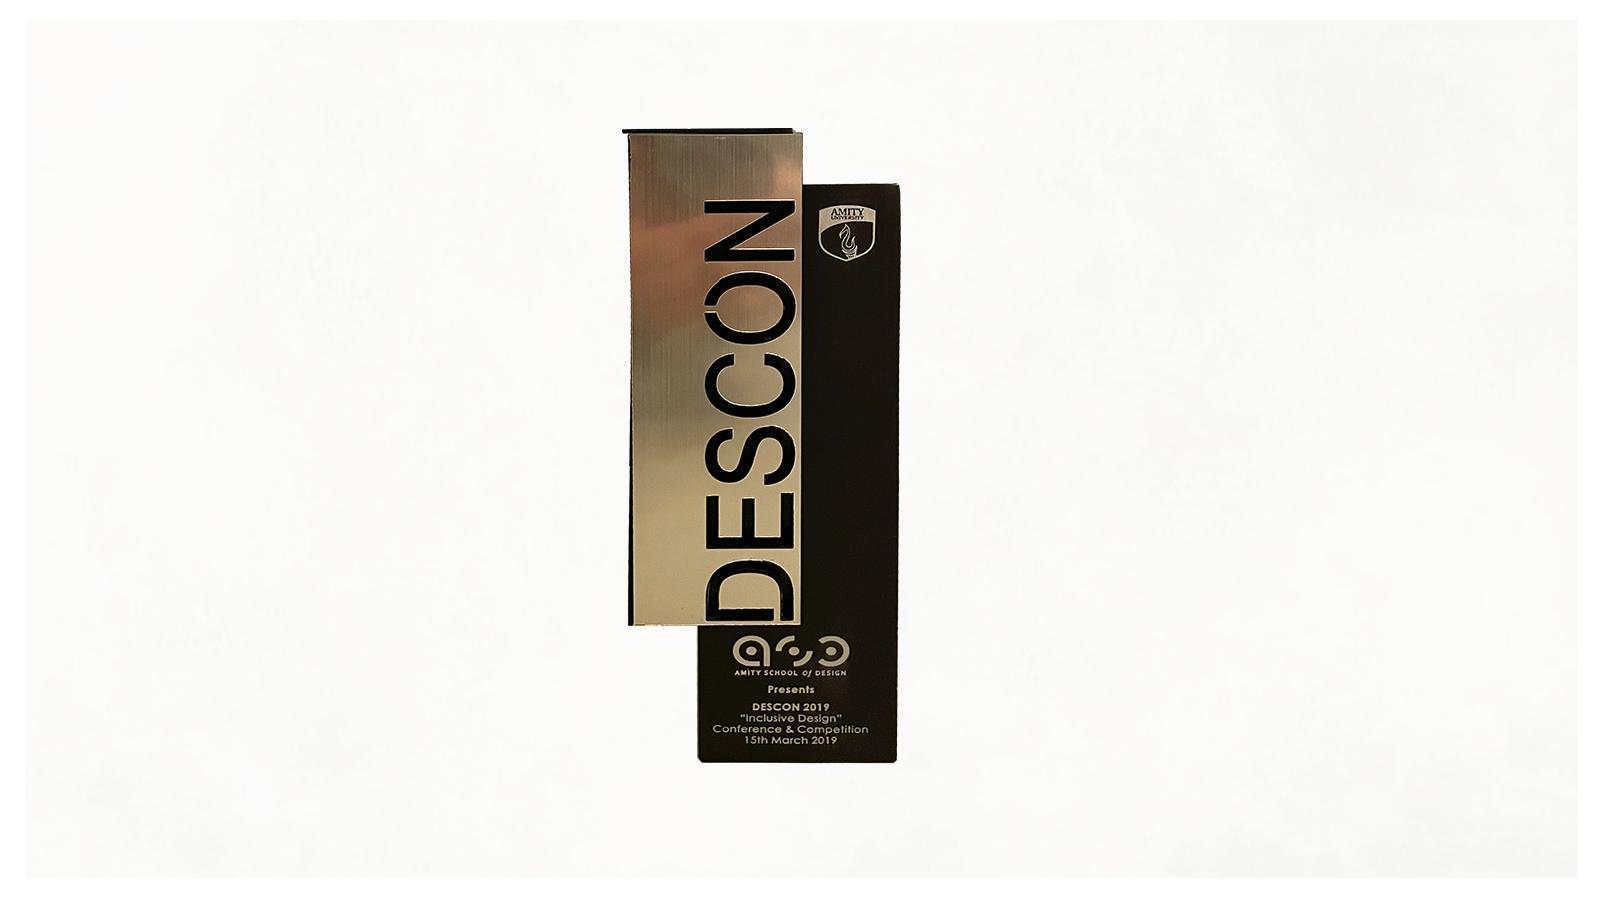 DESCON - Design for All Award 2019